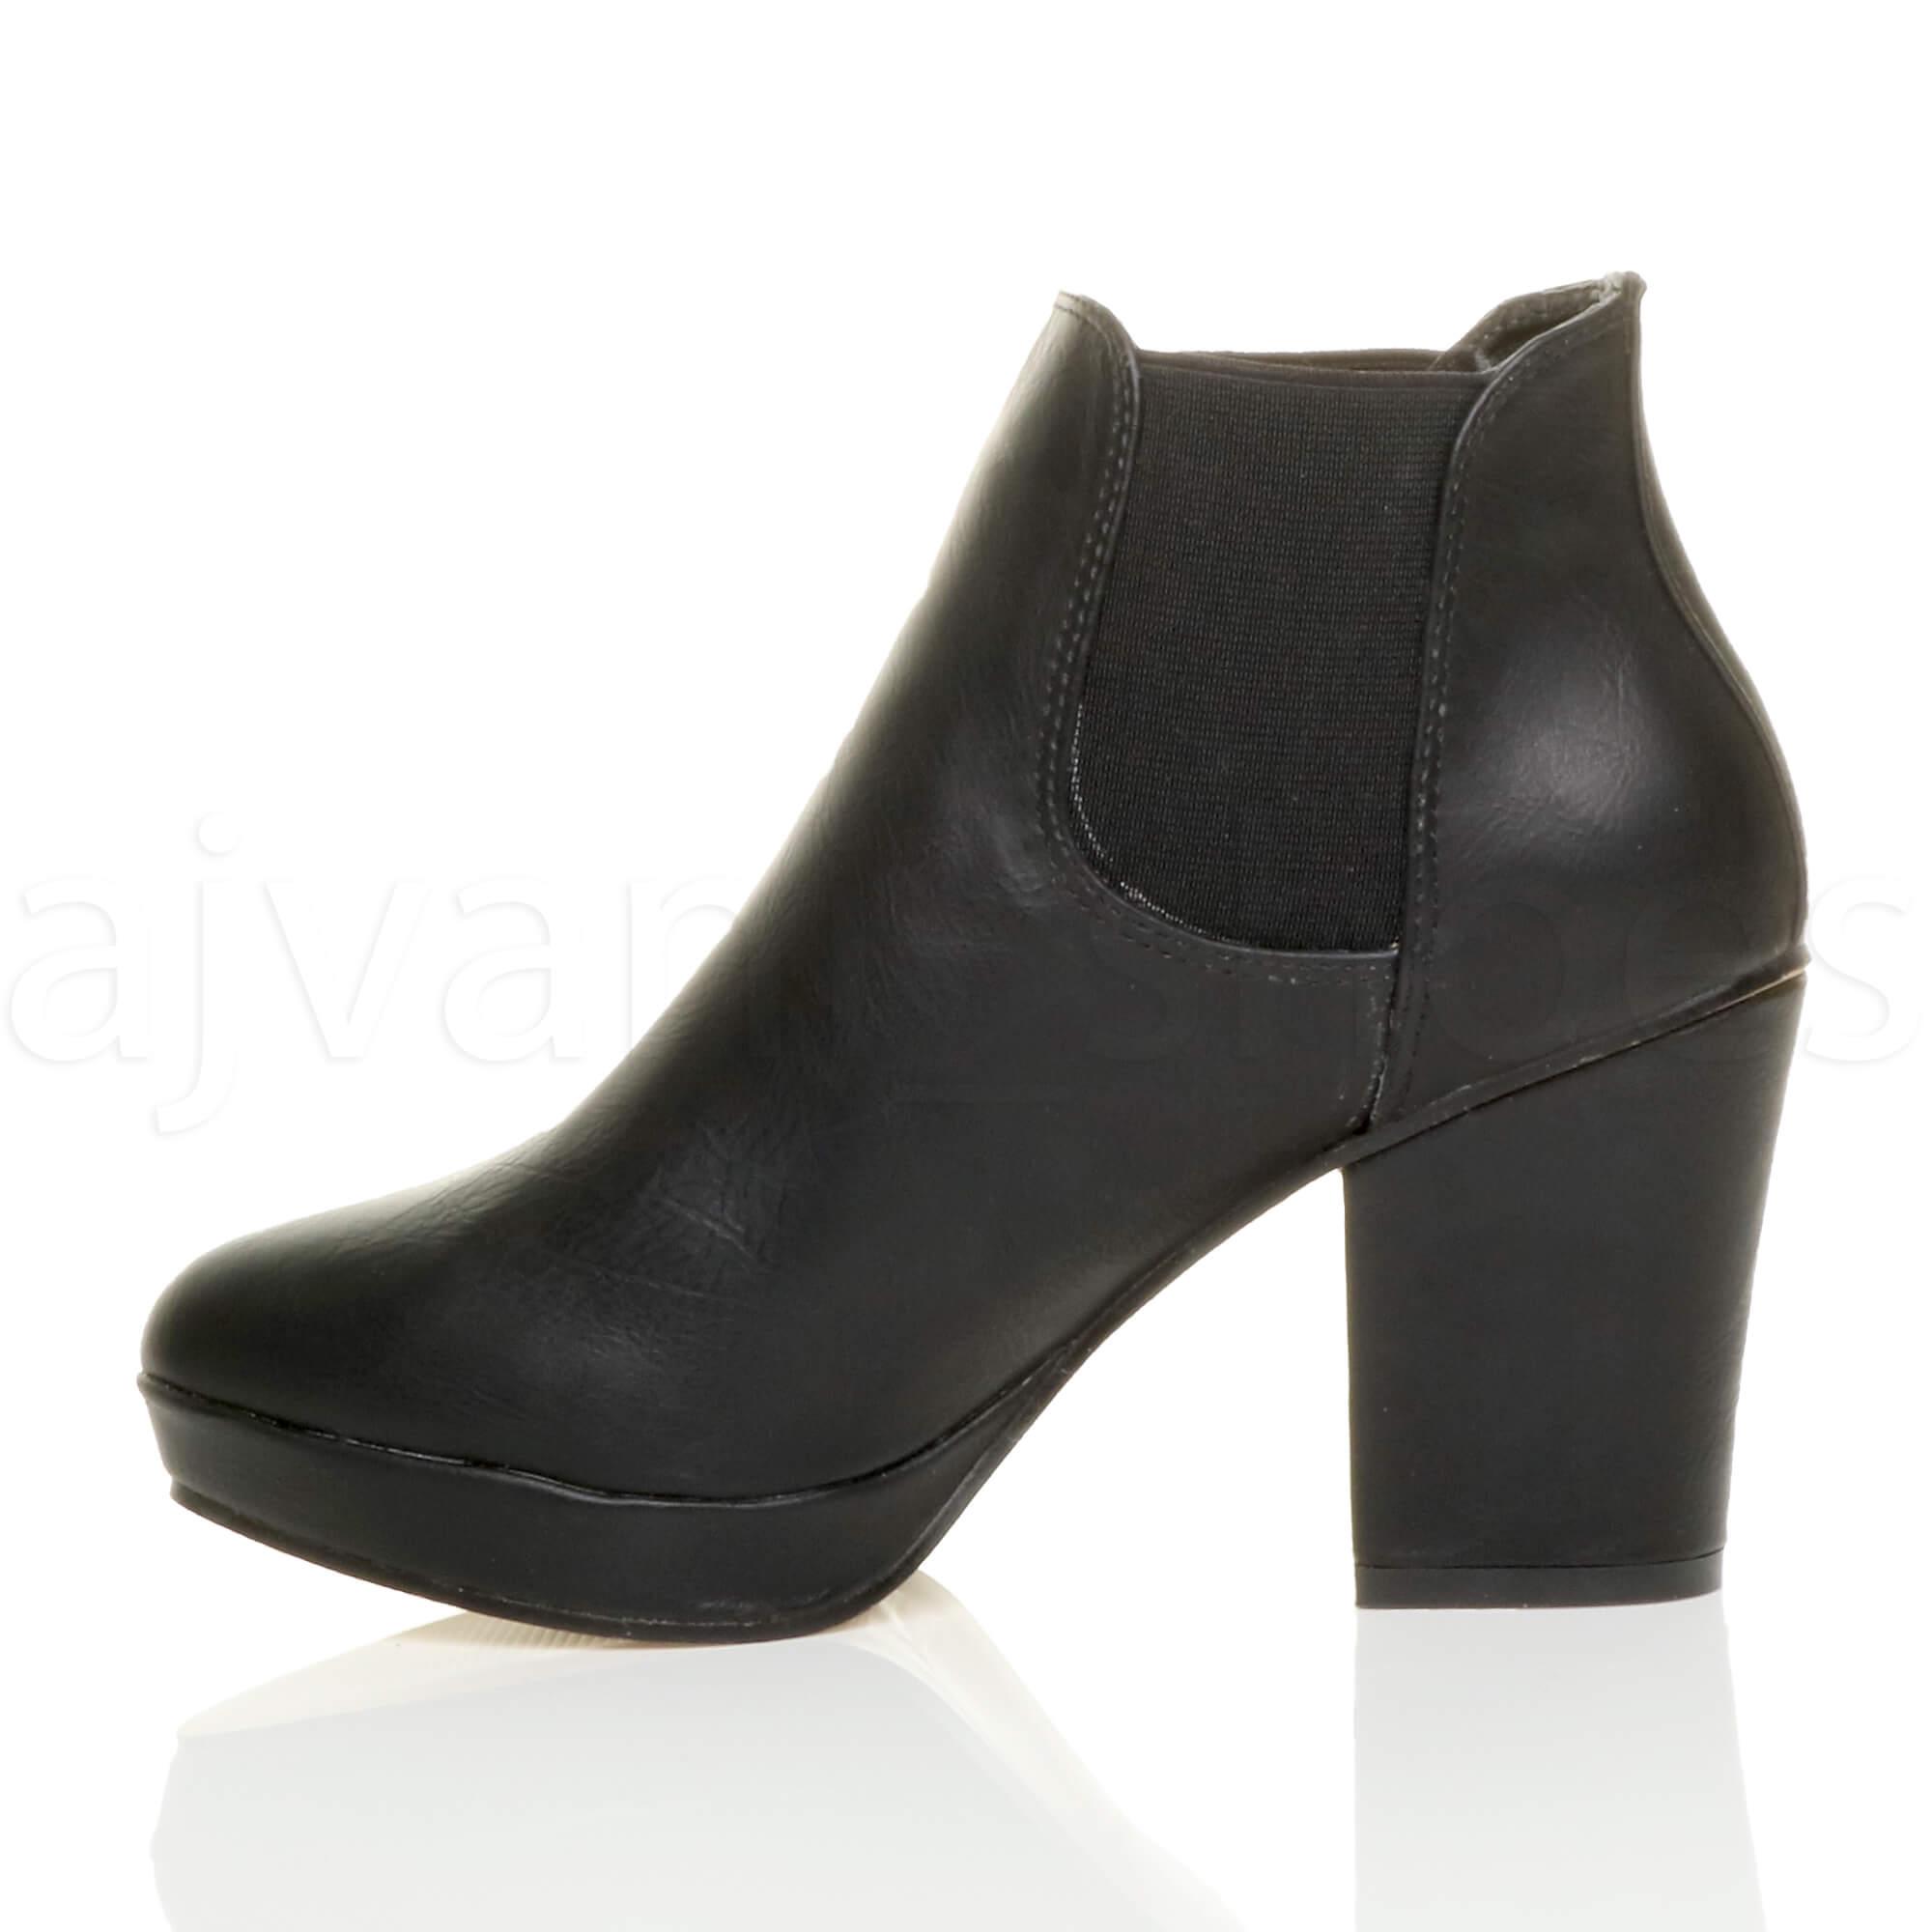 Ladies Platform Shoes Size